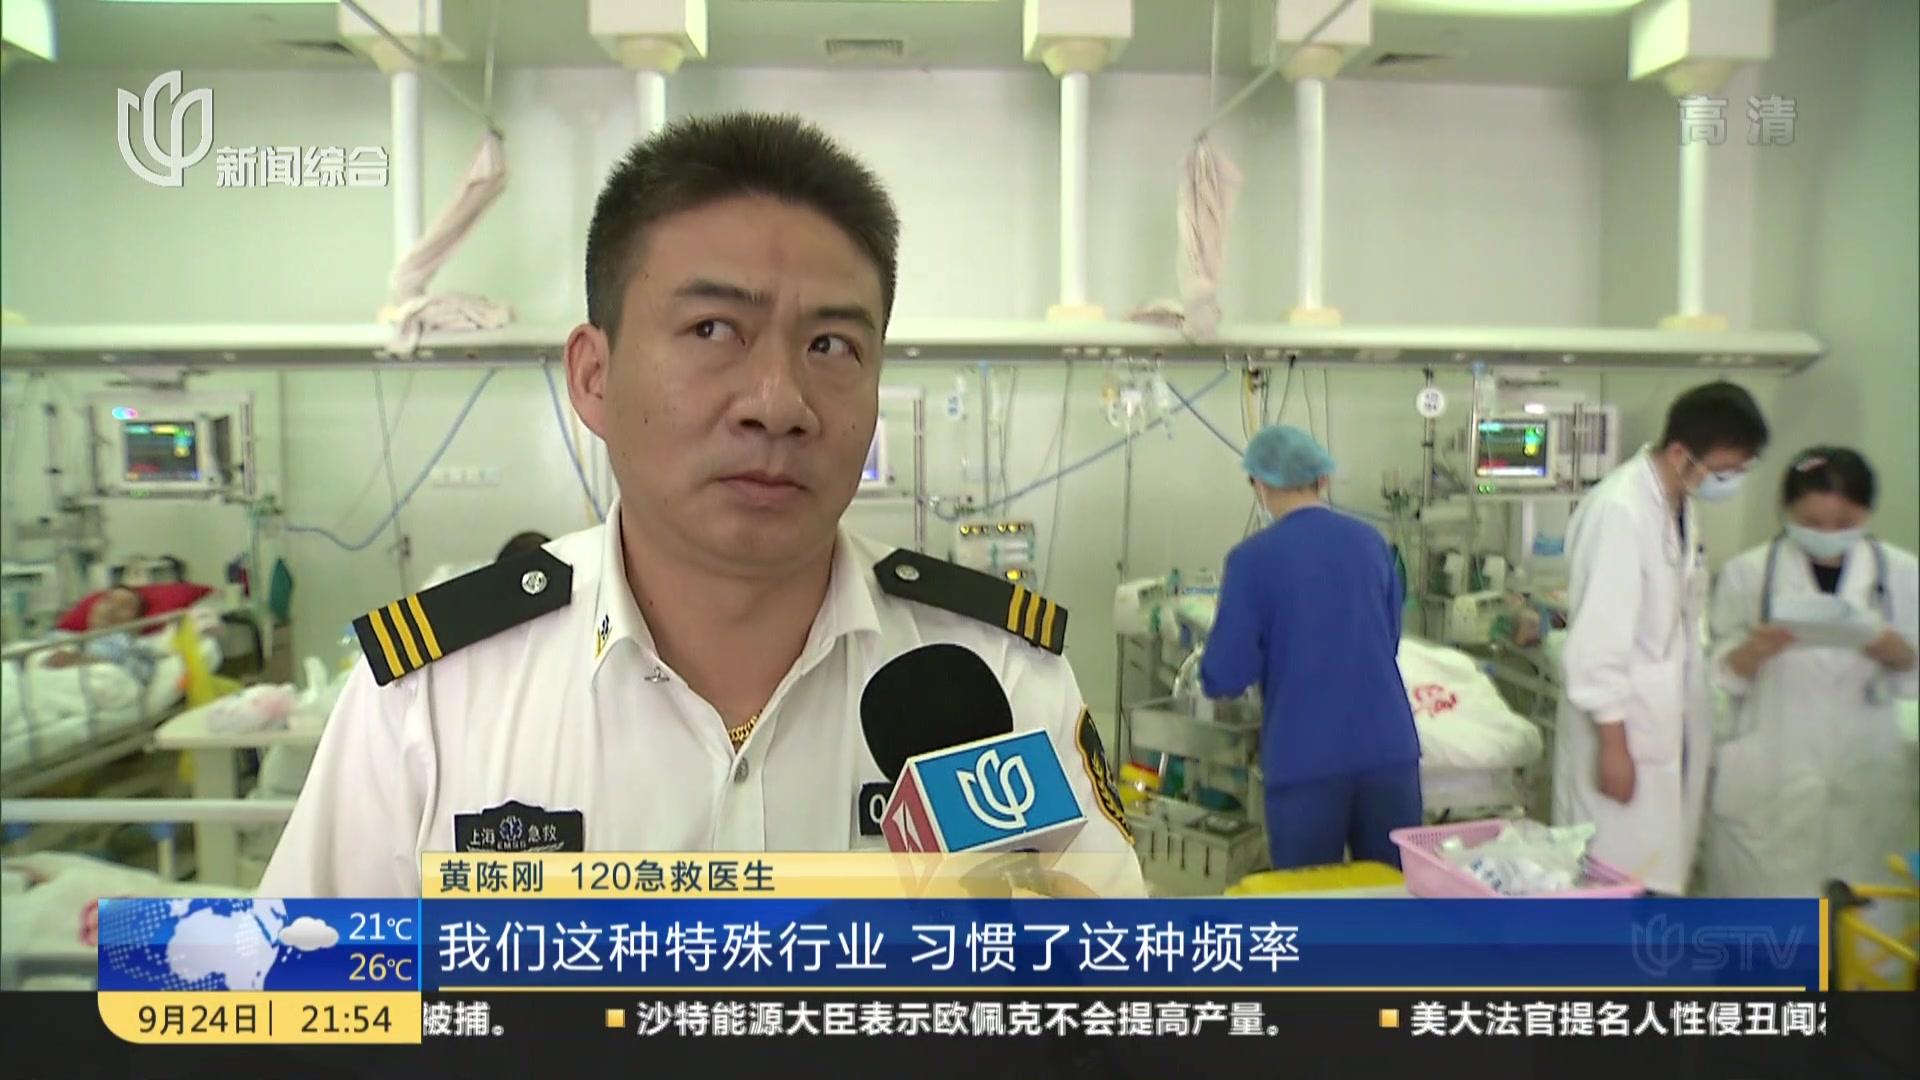 新闻特写:急诊室的中秋  抢救生命就是守护团圆